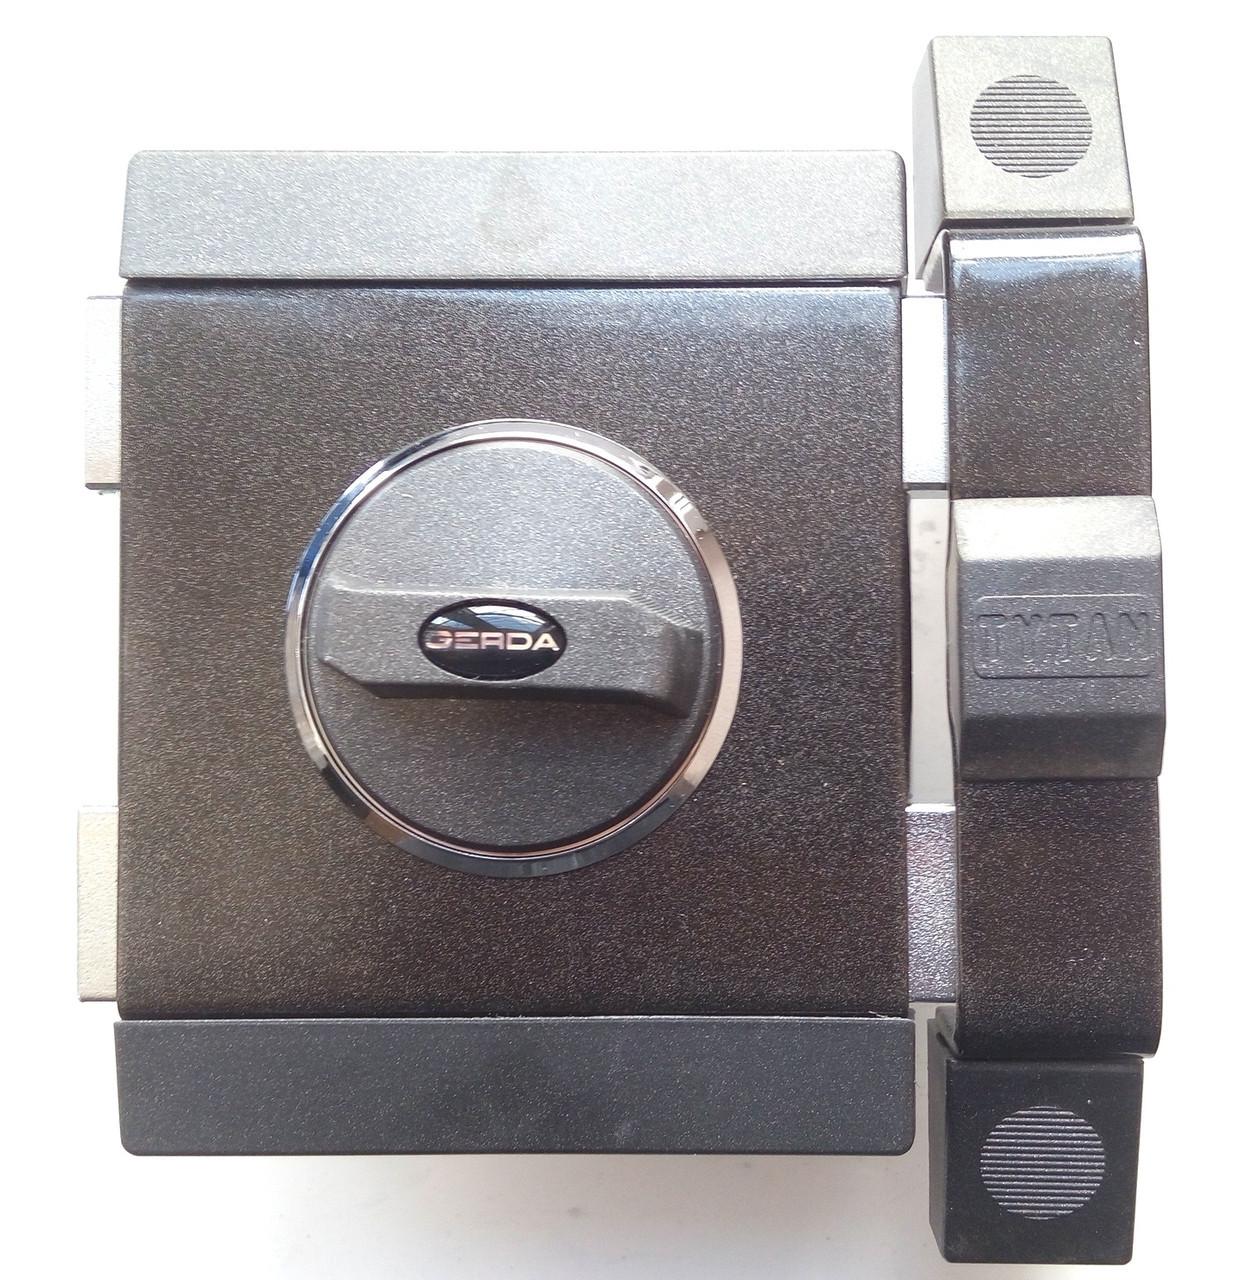 Замок накладной Gerda Tytan ZX графит короткий ключ (5 кл.) без планок (Польша), фото 1